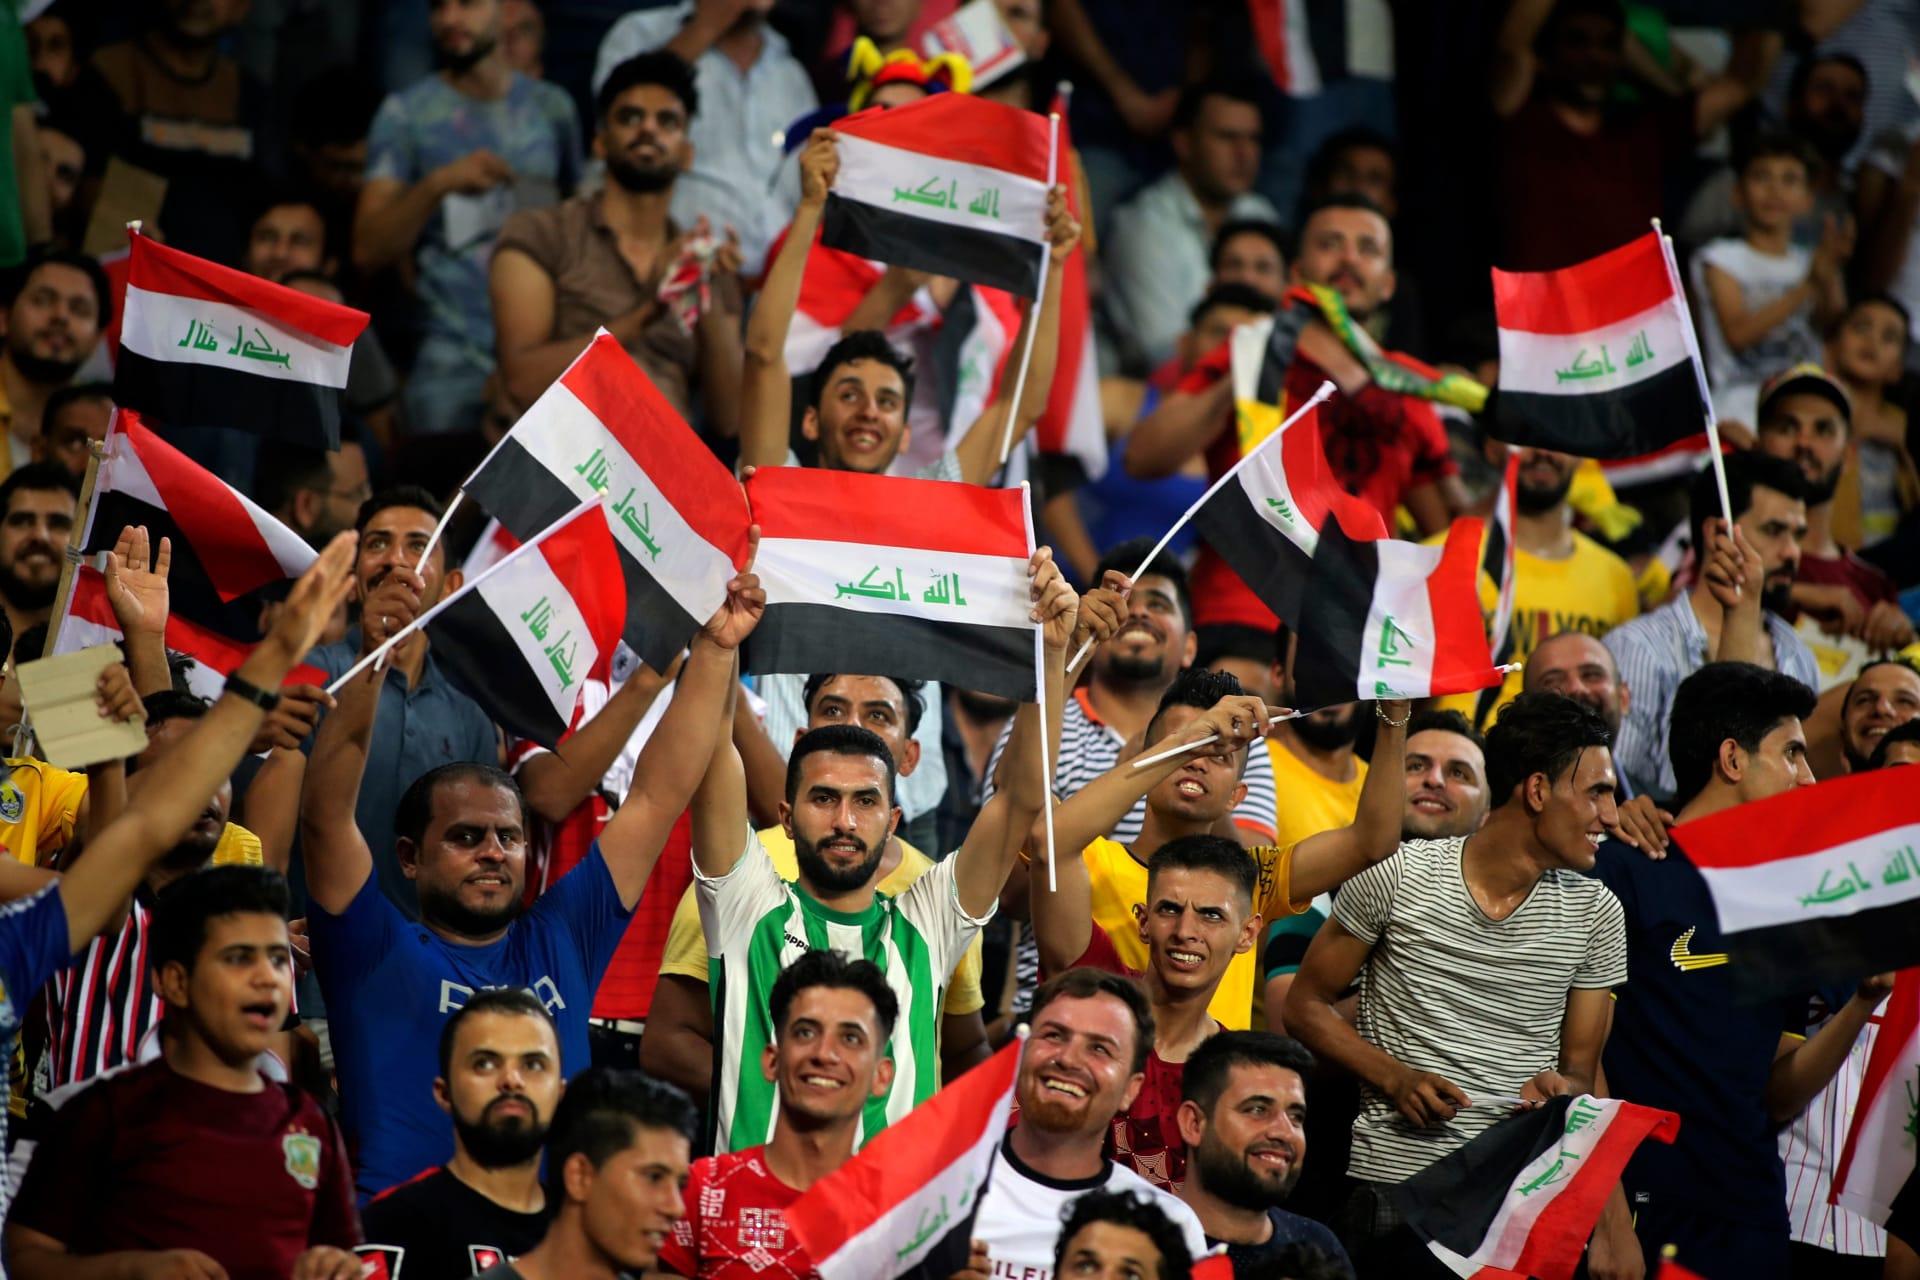 صورة أرشيفية لمشجعي المنتخب العراقي